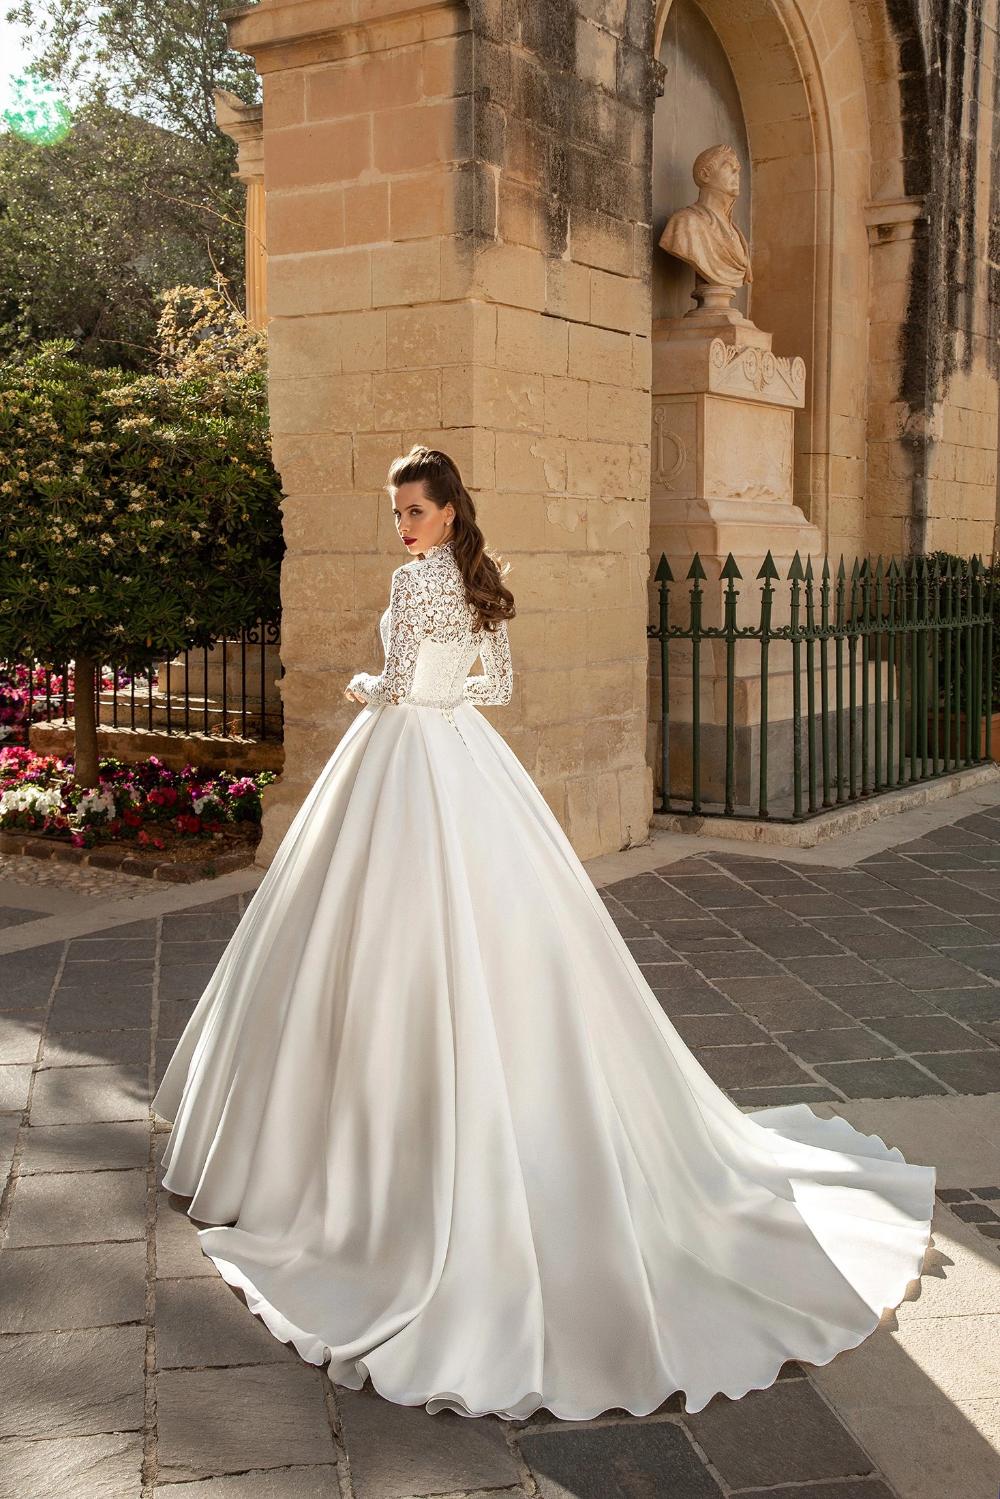 Loren Ivory High Neckline Long Sleeve Satin Ball Gown Wedding Dress Kc Haute High Neck Wedding Dress Ball Gown Wedding Dress Long Sleeve Satin Wedding Dress [ 1499 x 1000 Pixel ]